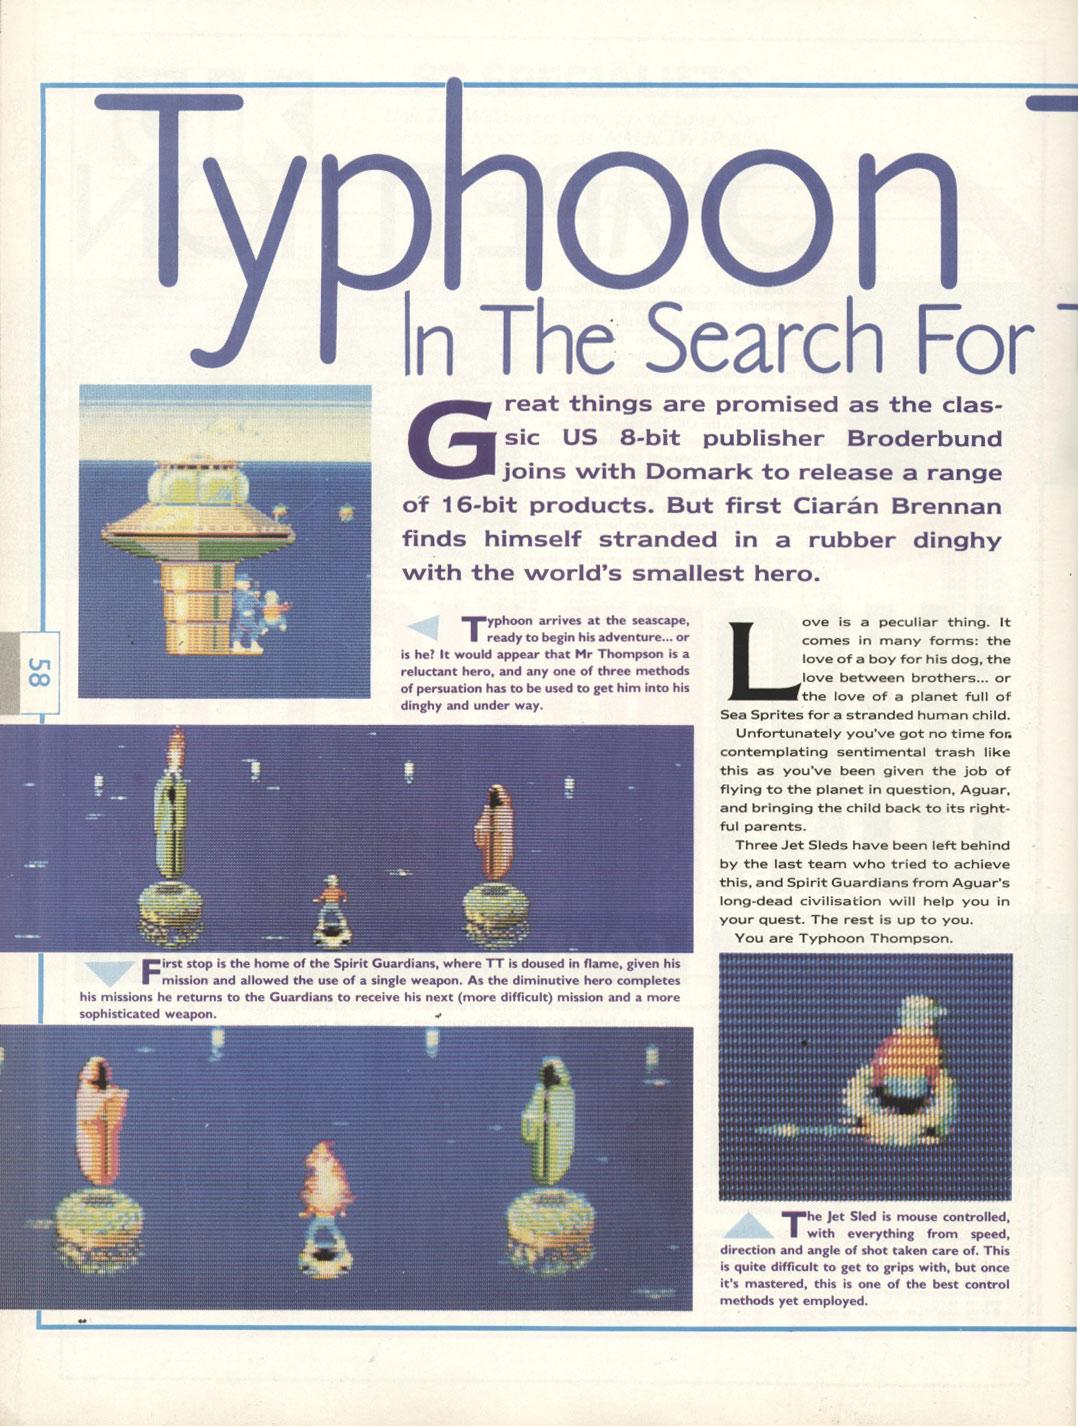 typhoon thompson